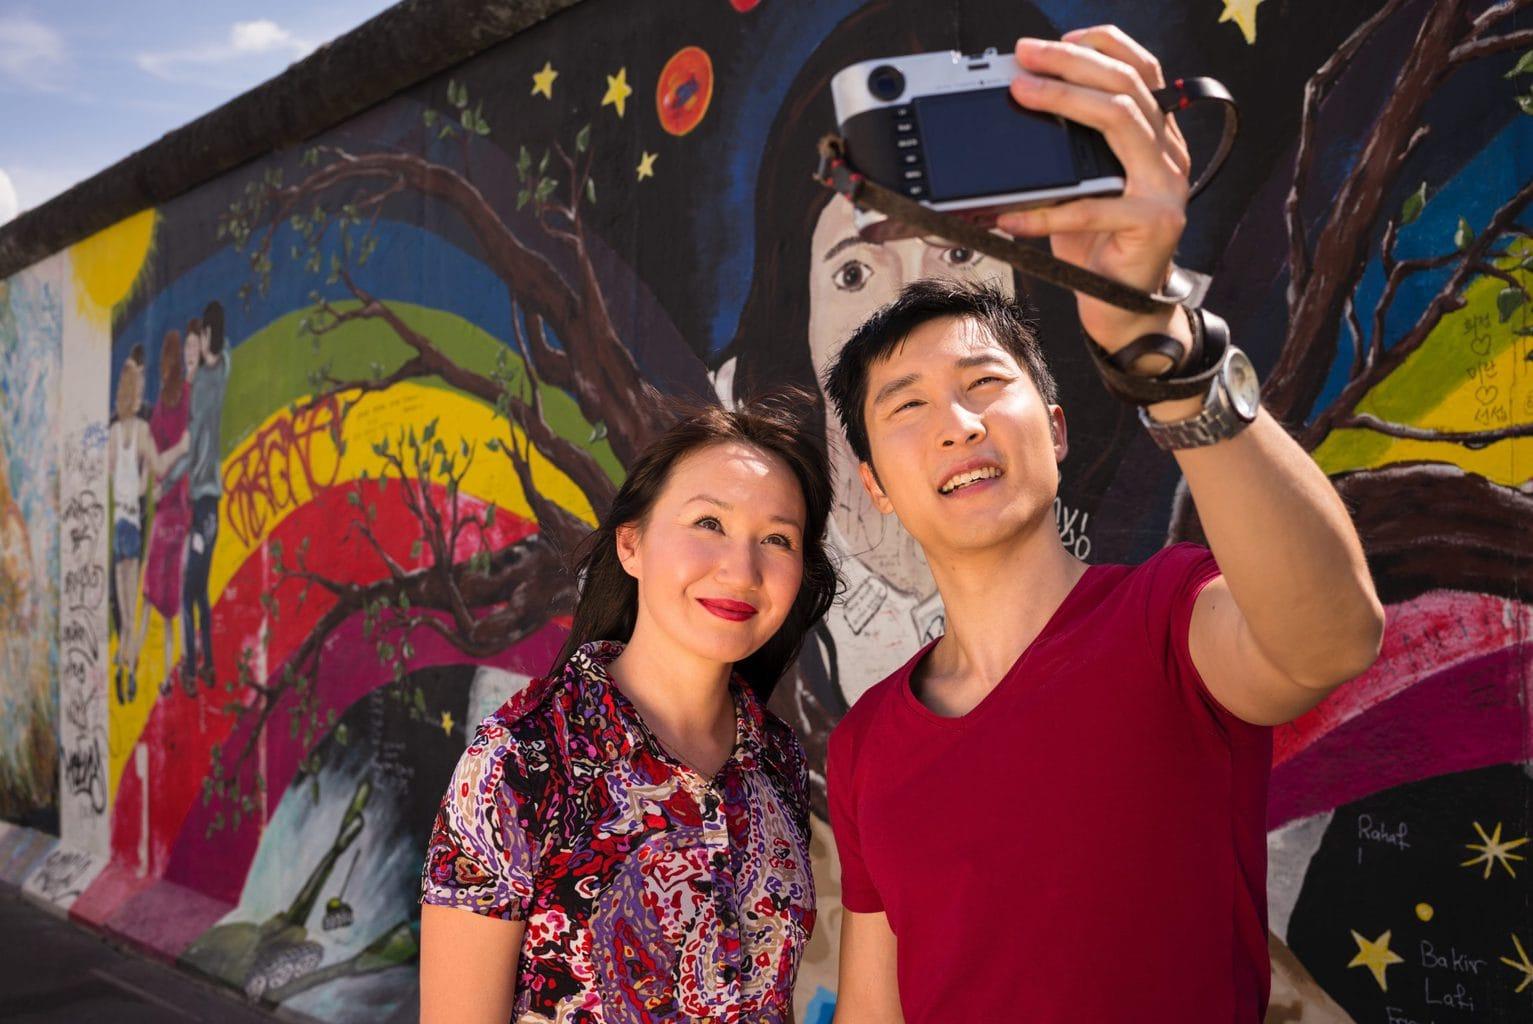 Asiatisch stel maakt een selfie voor de East Side Gallery in Berlijn